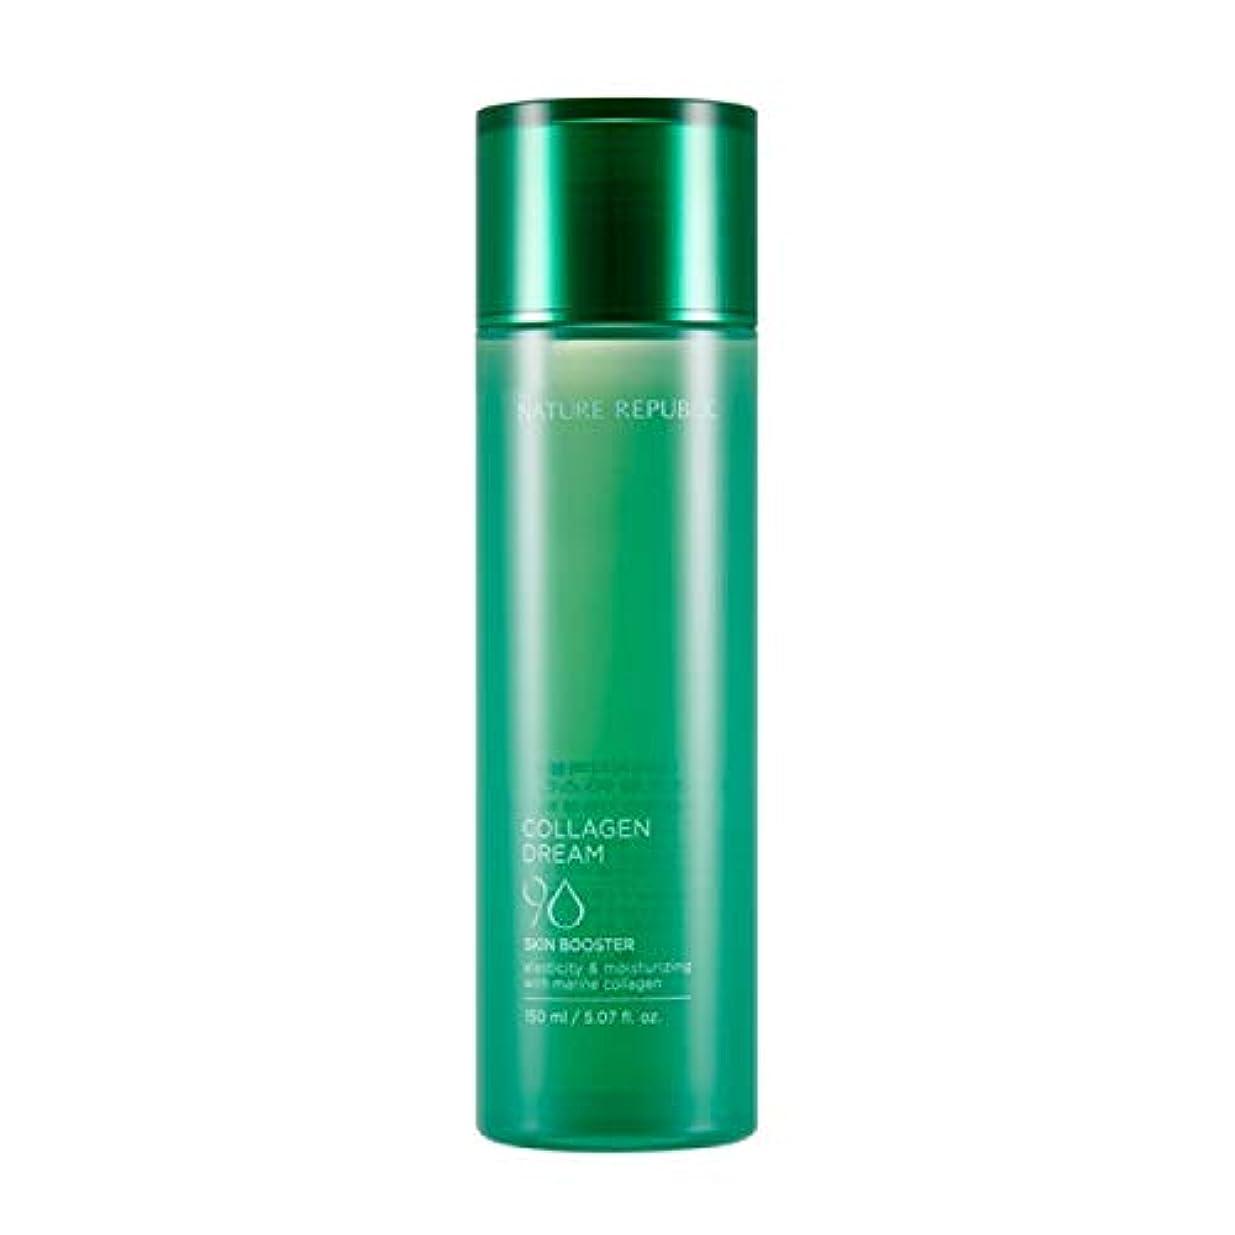 シャットラッドヤードキップリング助言するネイチャーリパブリック(Nature Republic)コラーゲンドリーム90スキンブースター / Collagen Dream 90 Skin Booster 150ml :: 韓国コスメ [並行輸入品]